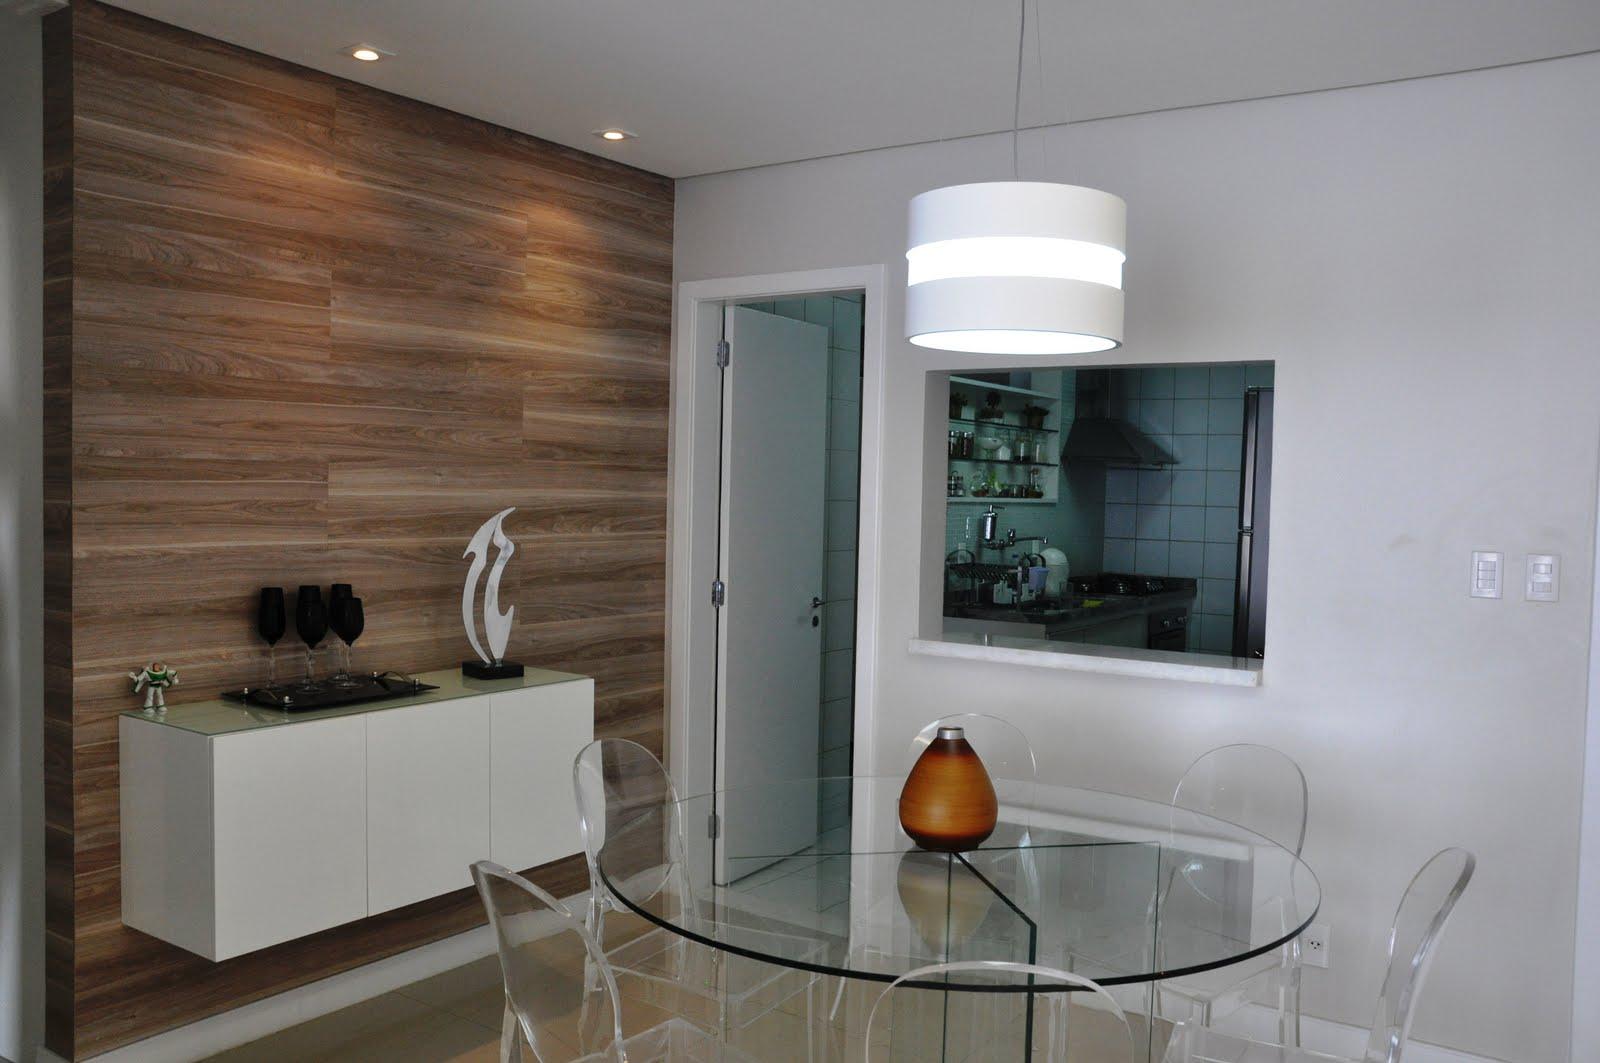 revista decoracao de interiores apartamentos:Projetos De Apartamentos